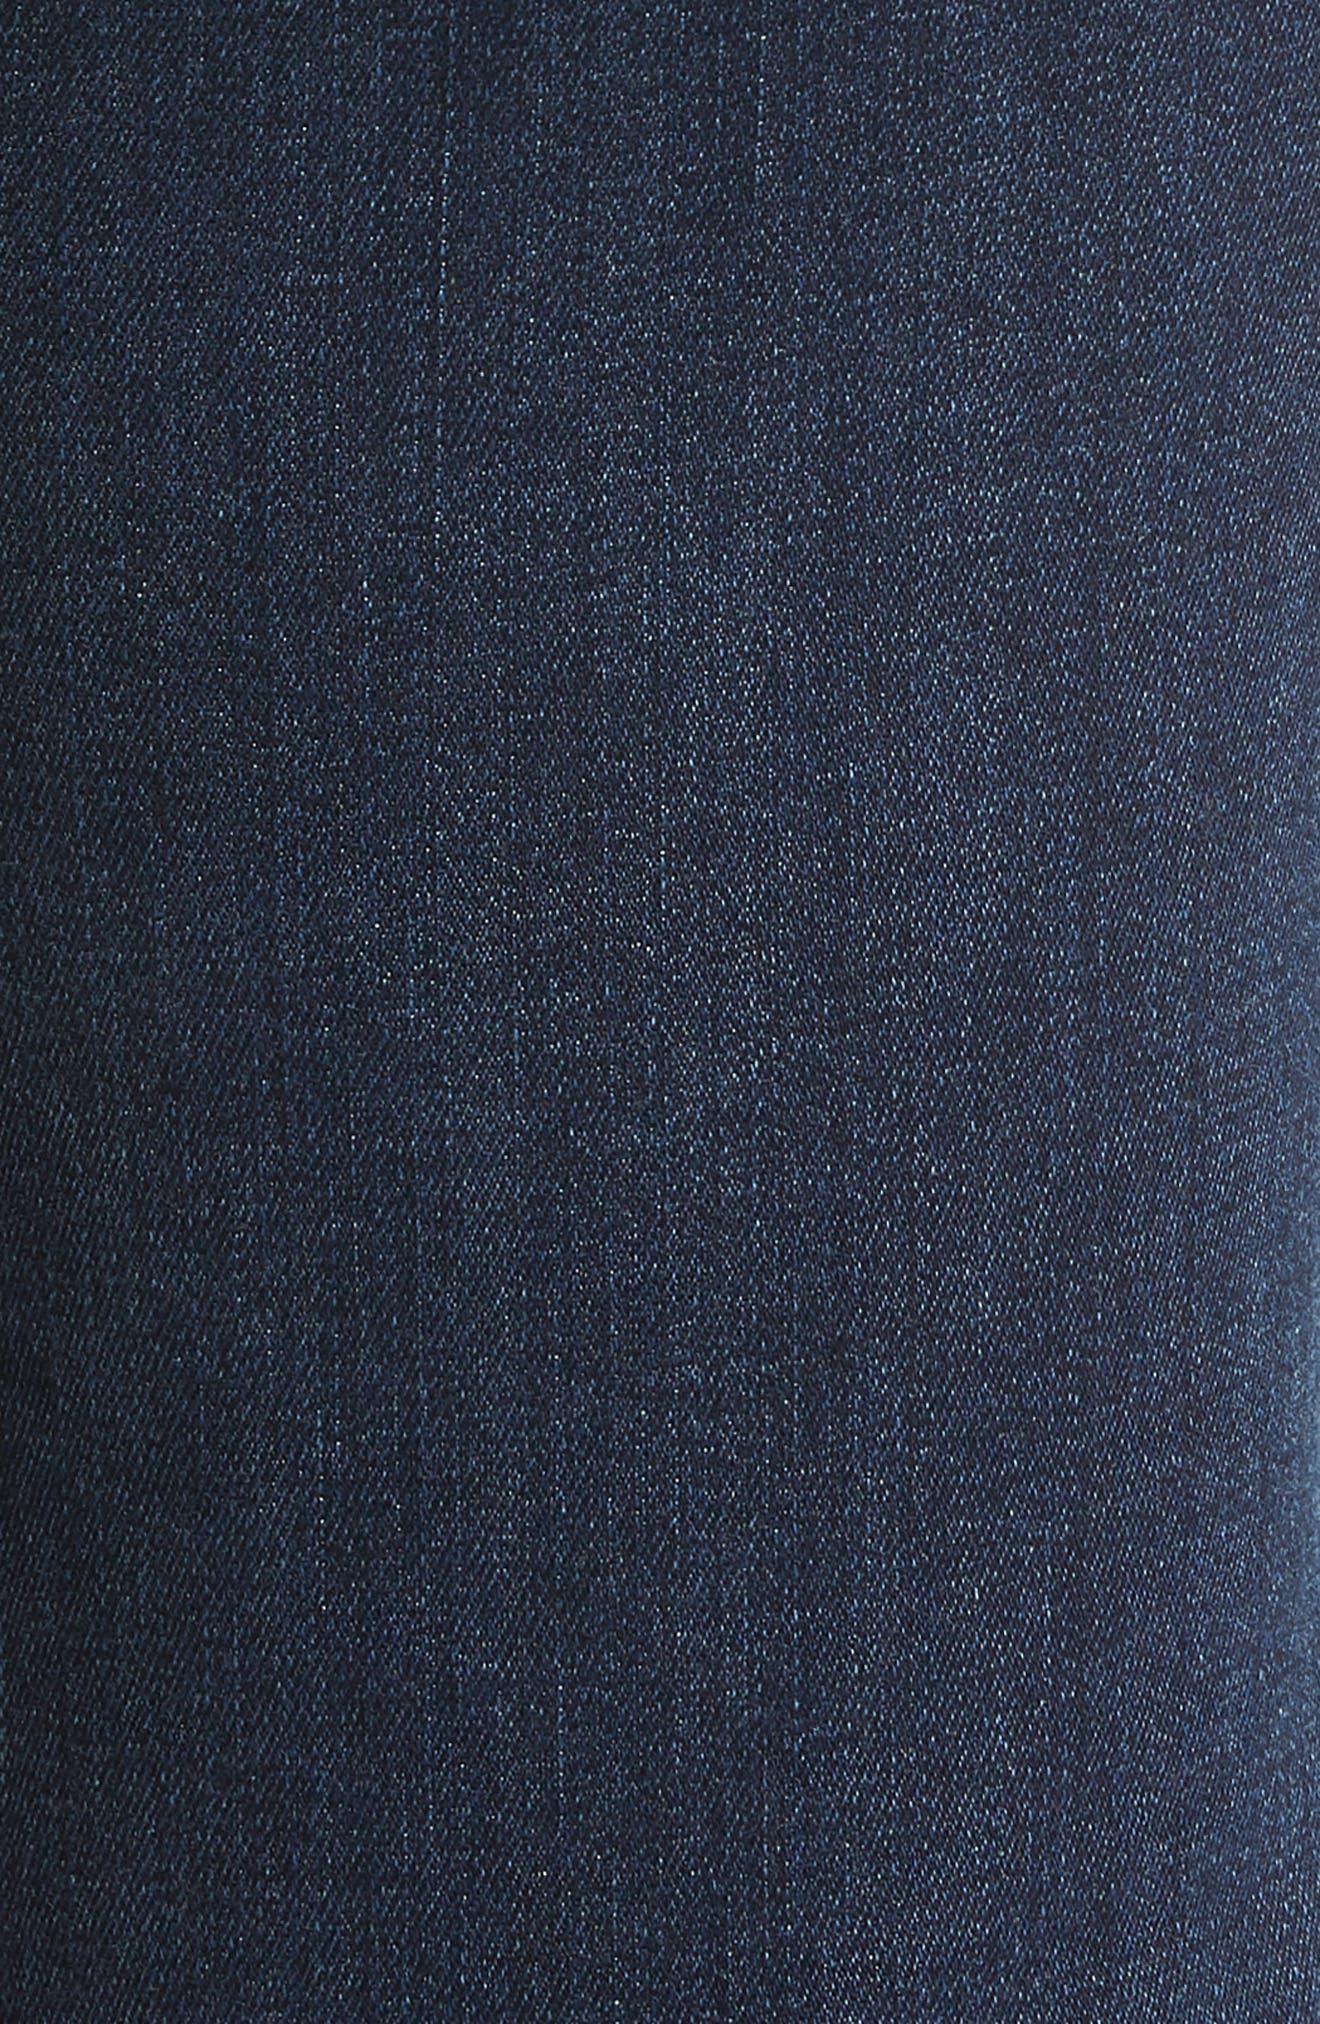 Margot High Waist Ankle Straight Leg Jeans,                             Alternate thumbnail 6, color,                             400